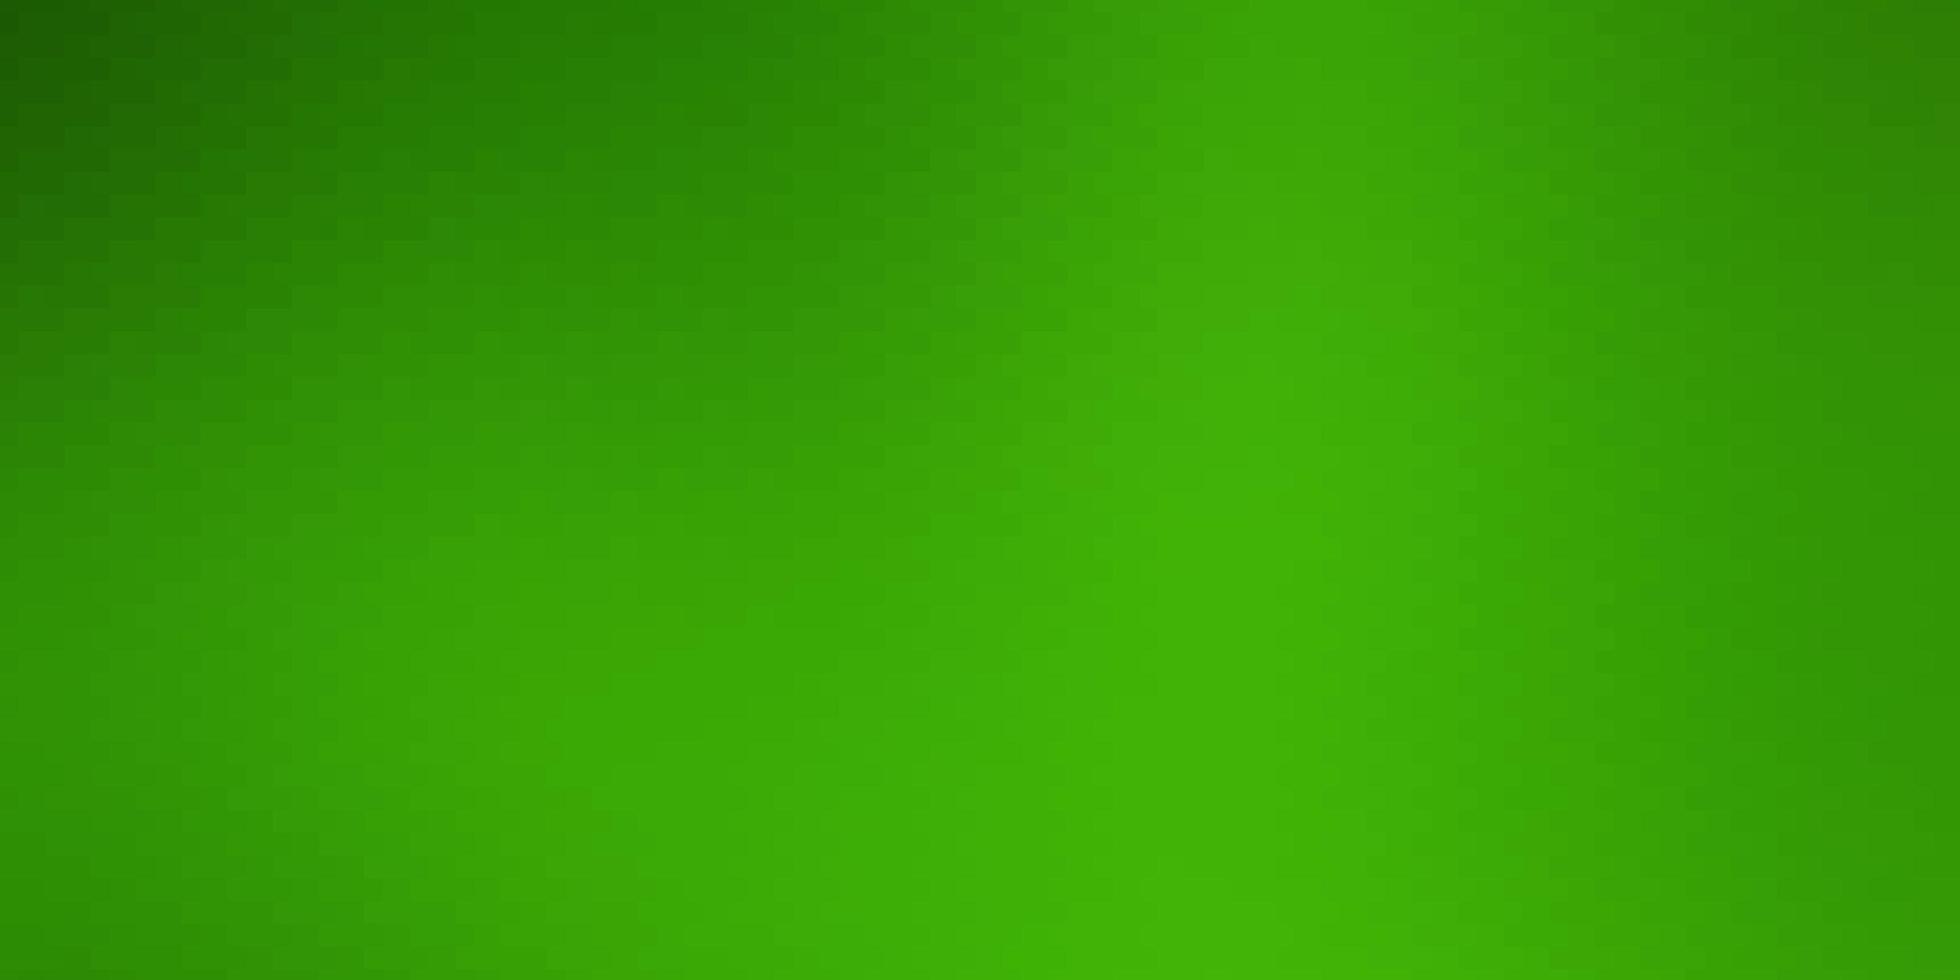 hellgrüner Hintergrund im polygonalen Stil. vektor